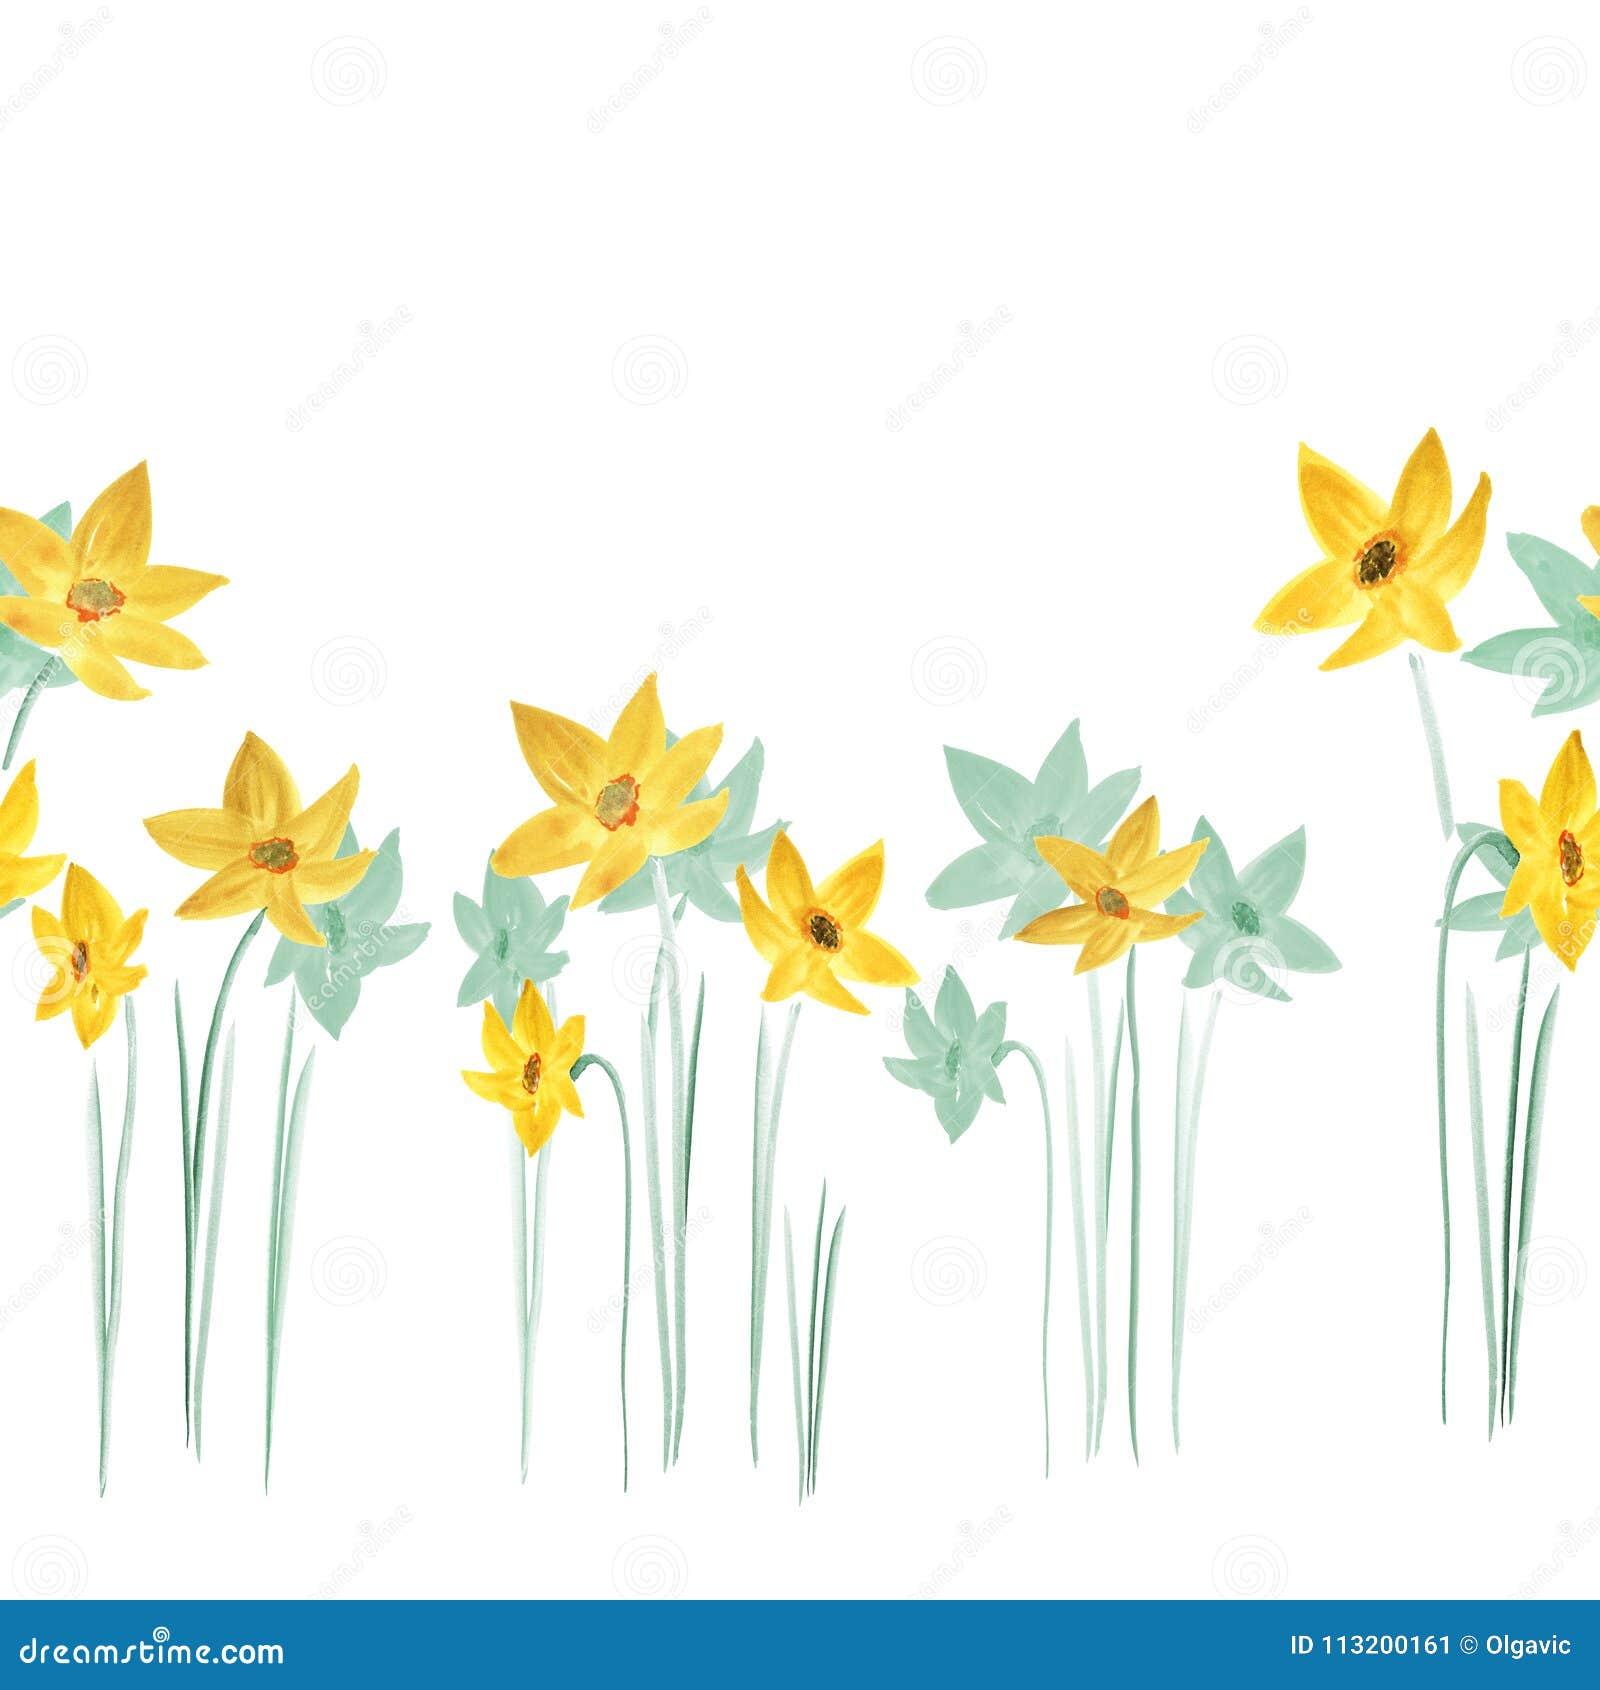 Modello senza cuciture dei fiori gialli e verdi della molla su un fondo bianco watercolor